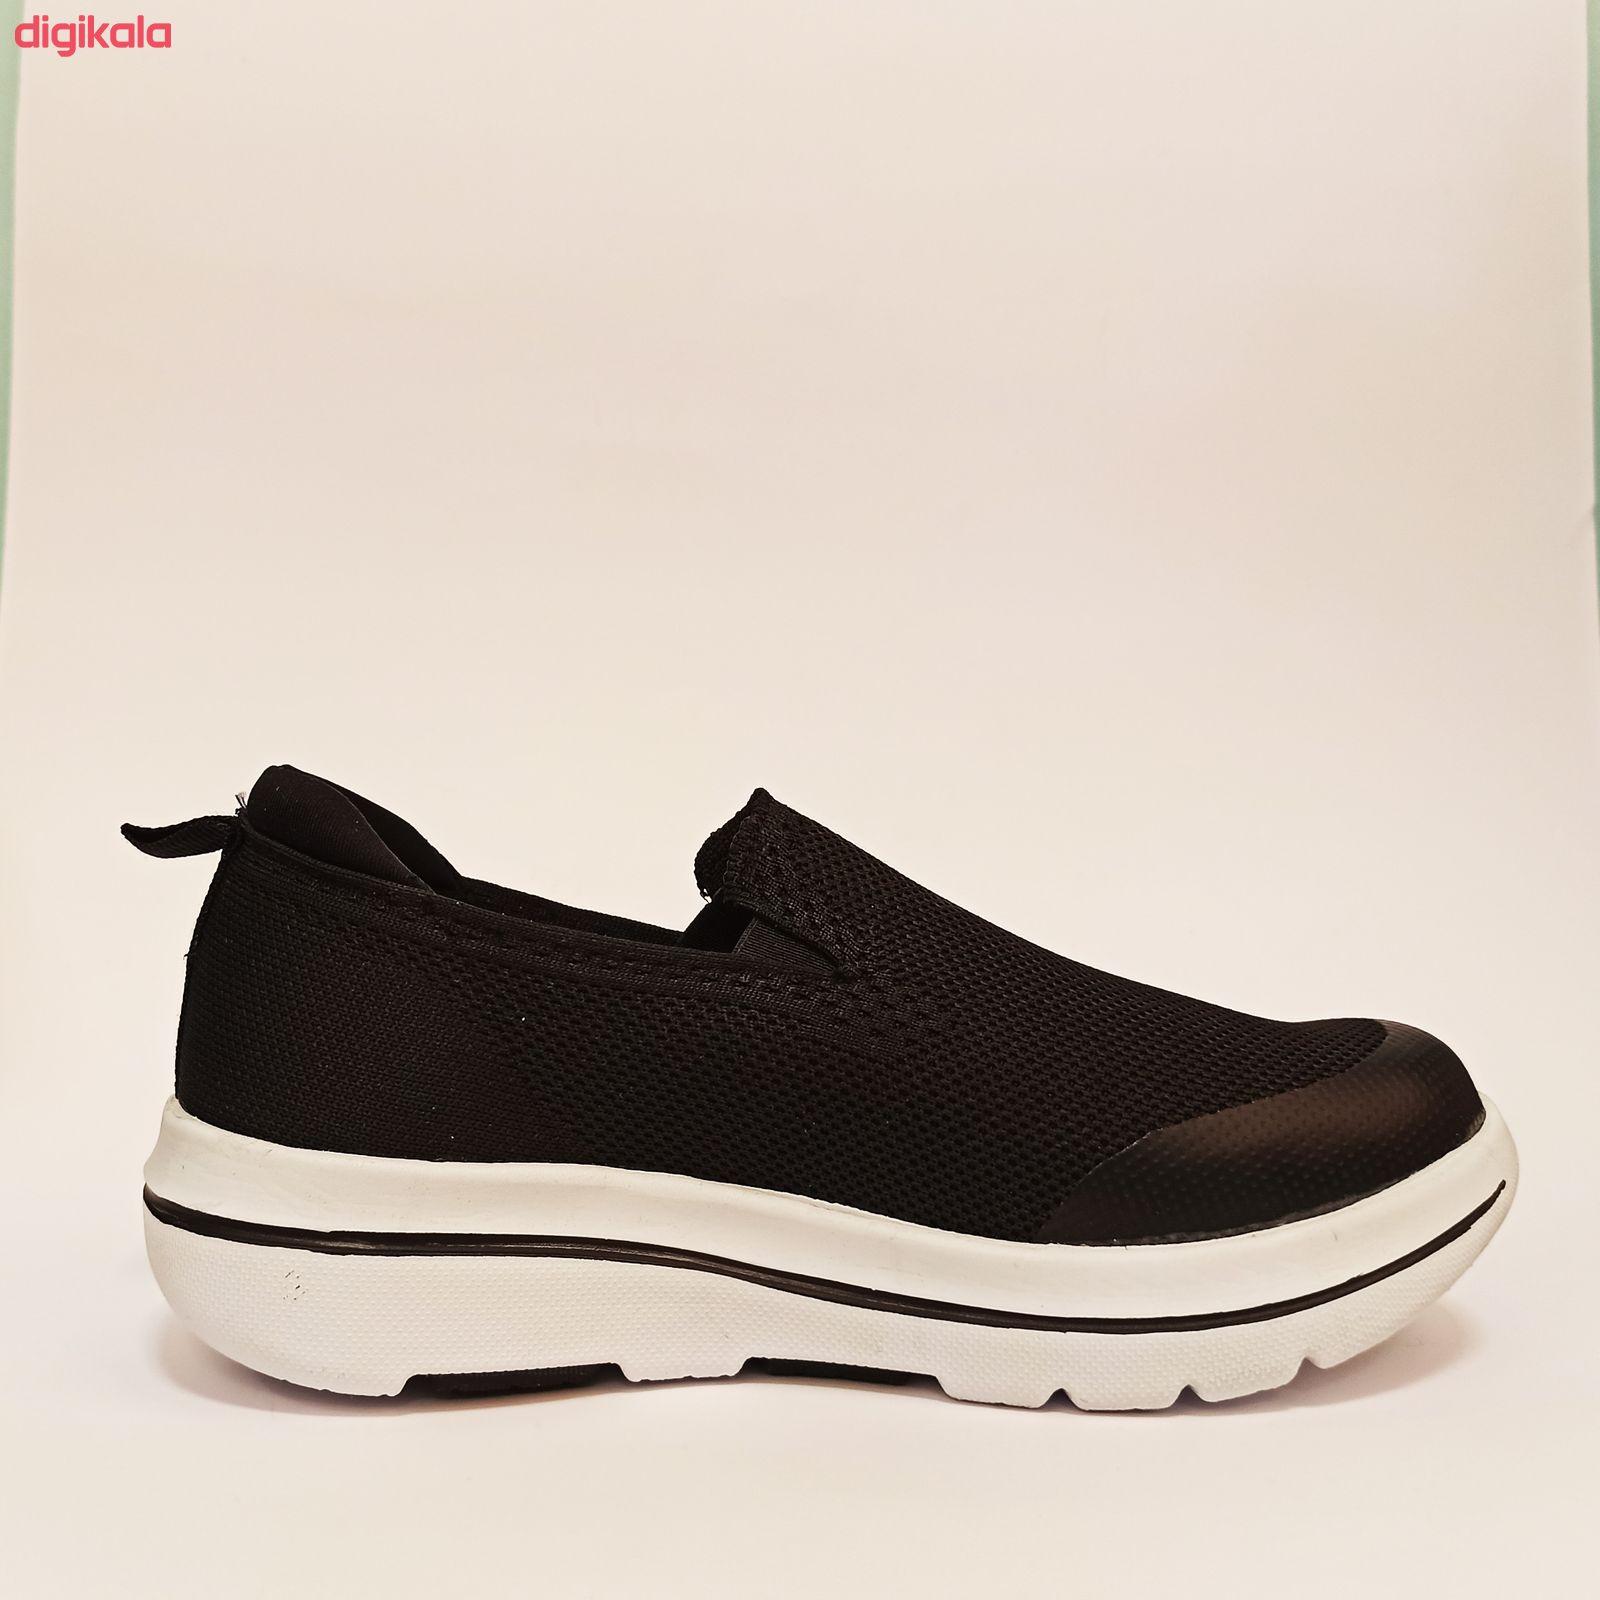 کفش راحتی مدل gowalk19 main 1 2